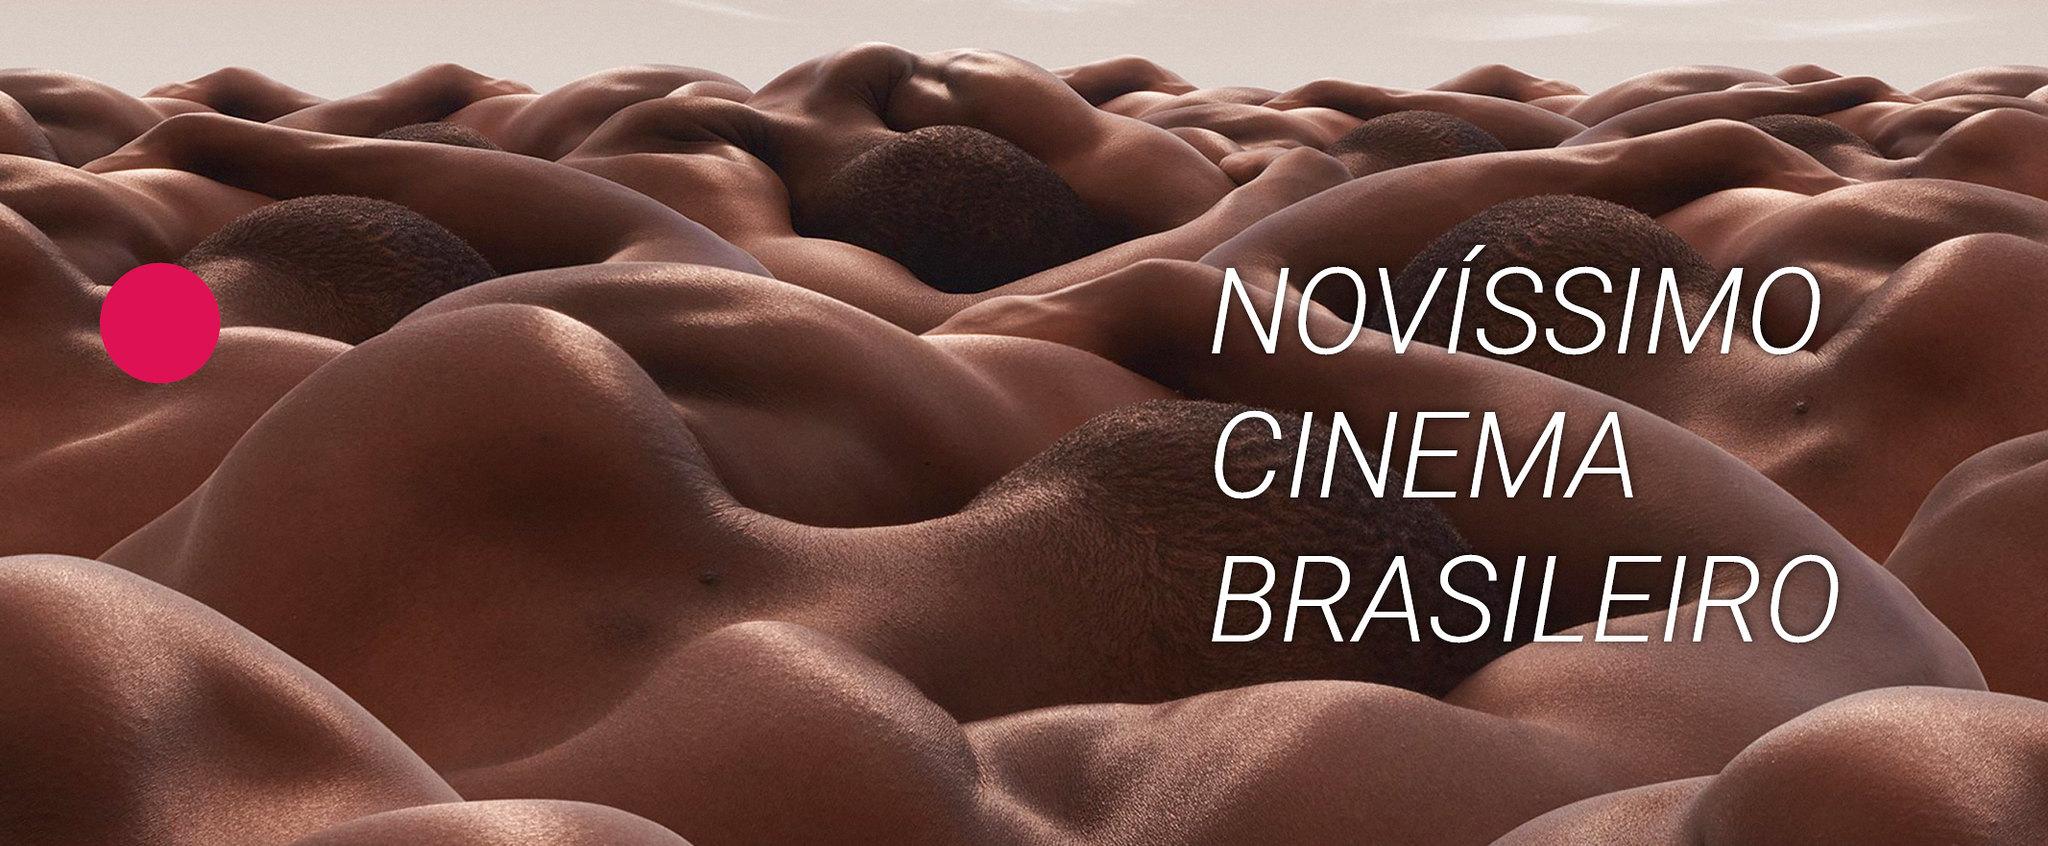 Novíssimo Cinema Brasileiro 2018